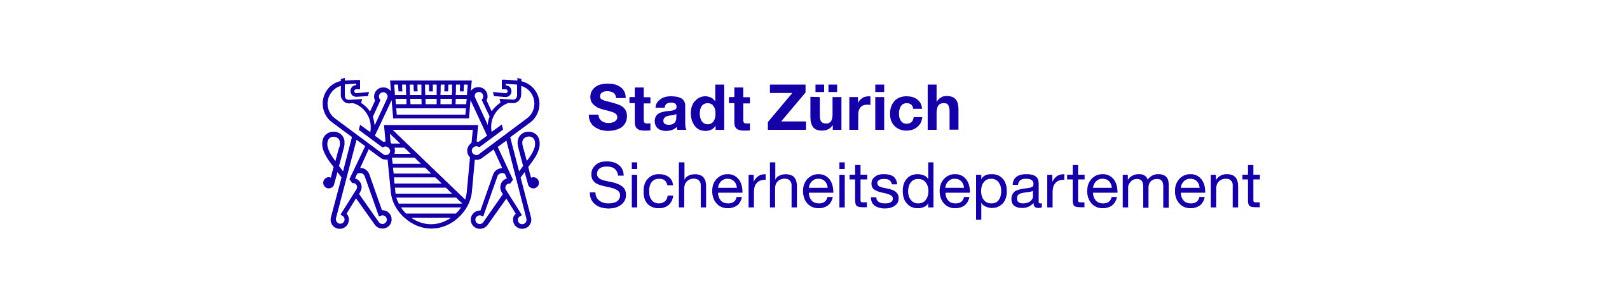 Sicherheitsdepartement Polizei Stadt Zürich